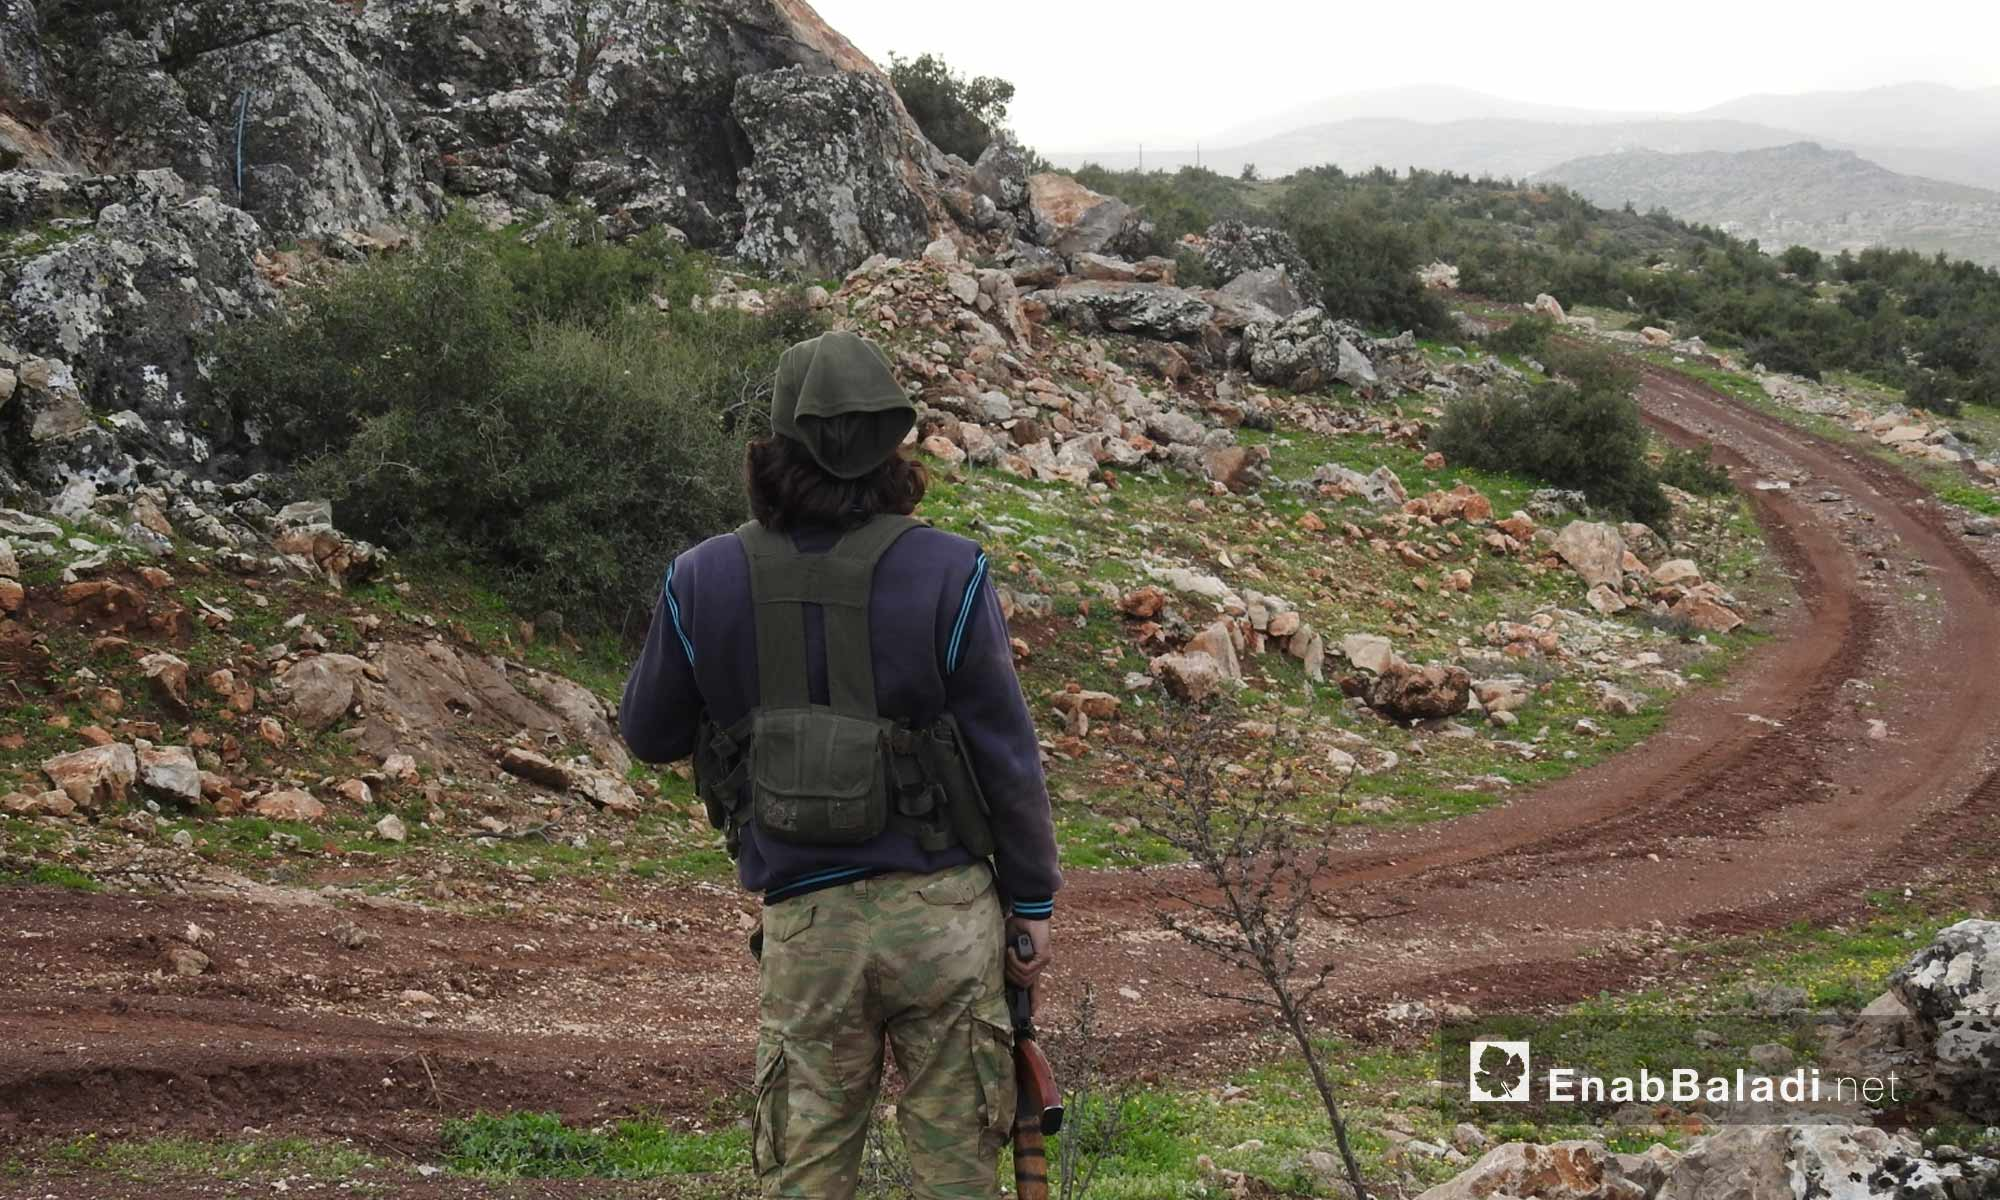 عنصر من الجيش الحر على قمة جبل الشيخ خروز في محيط منطقة عفرين شمالي حلب - 5 آذار 2018 (عنب بلدي)